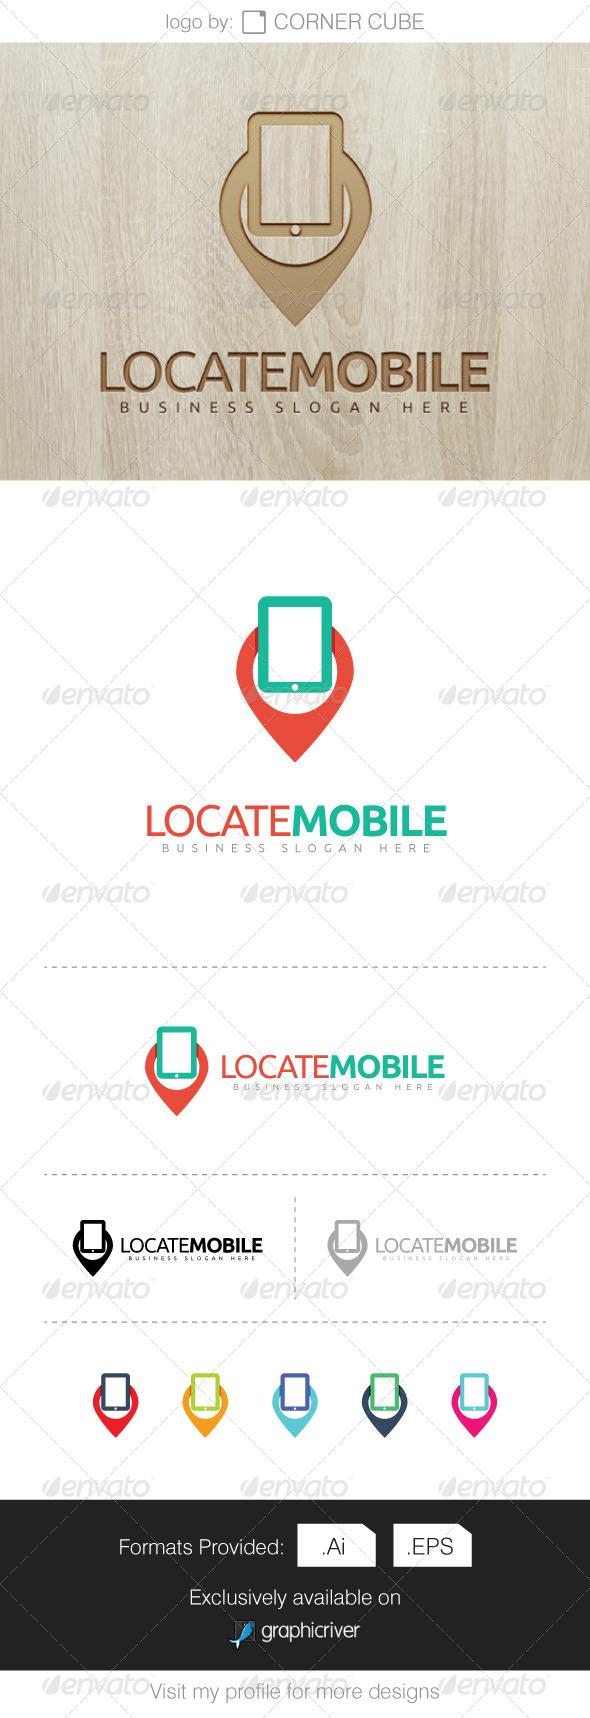 GraphicRiver Locate Mobile Logo 7755604